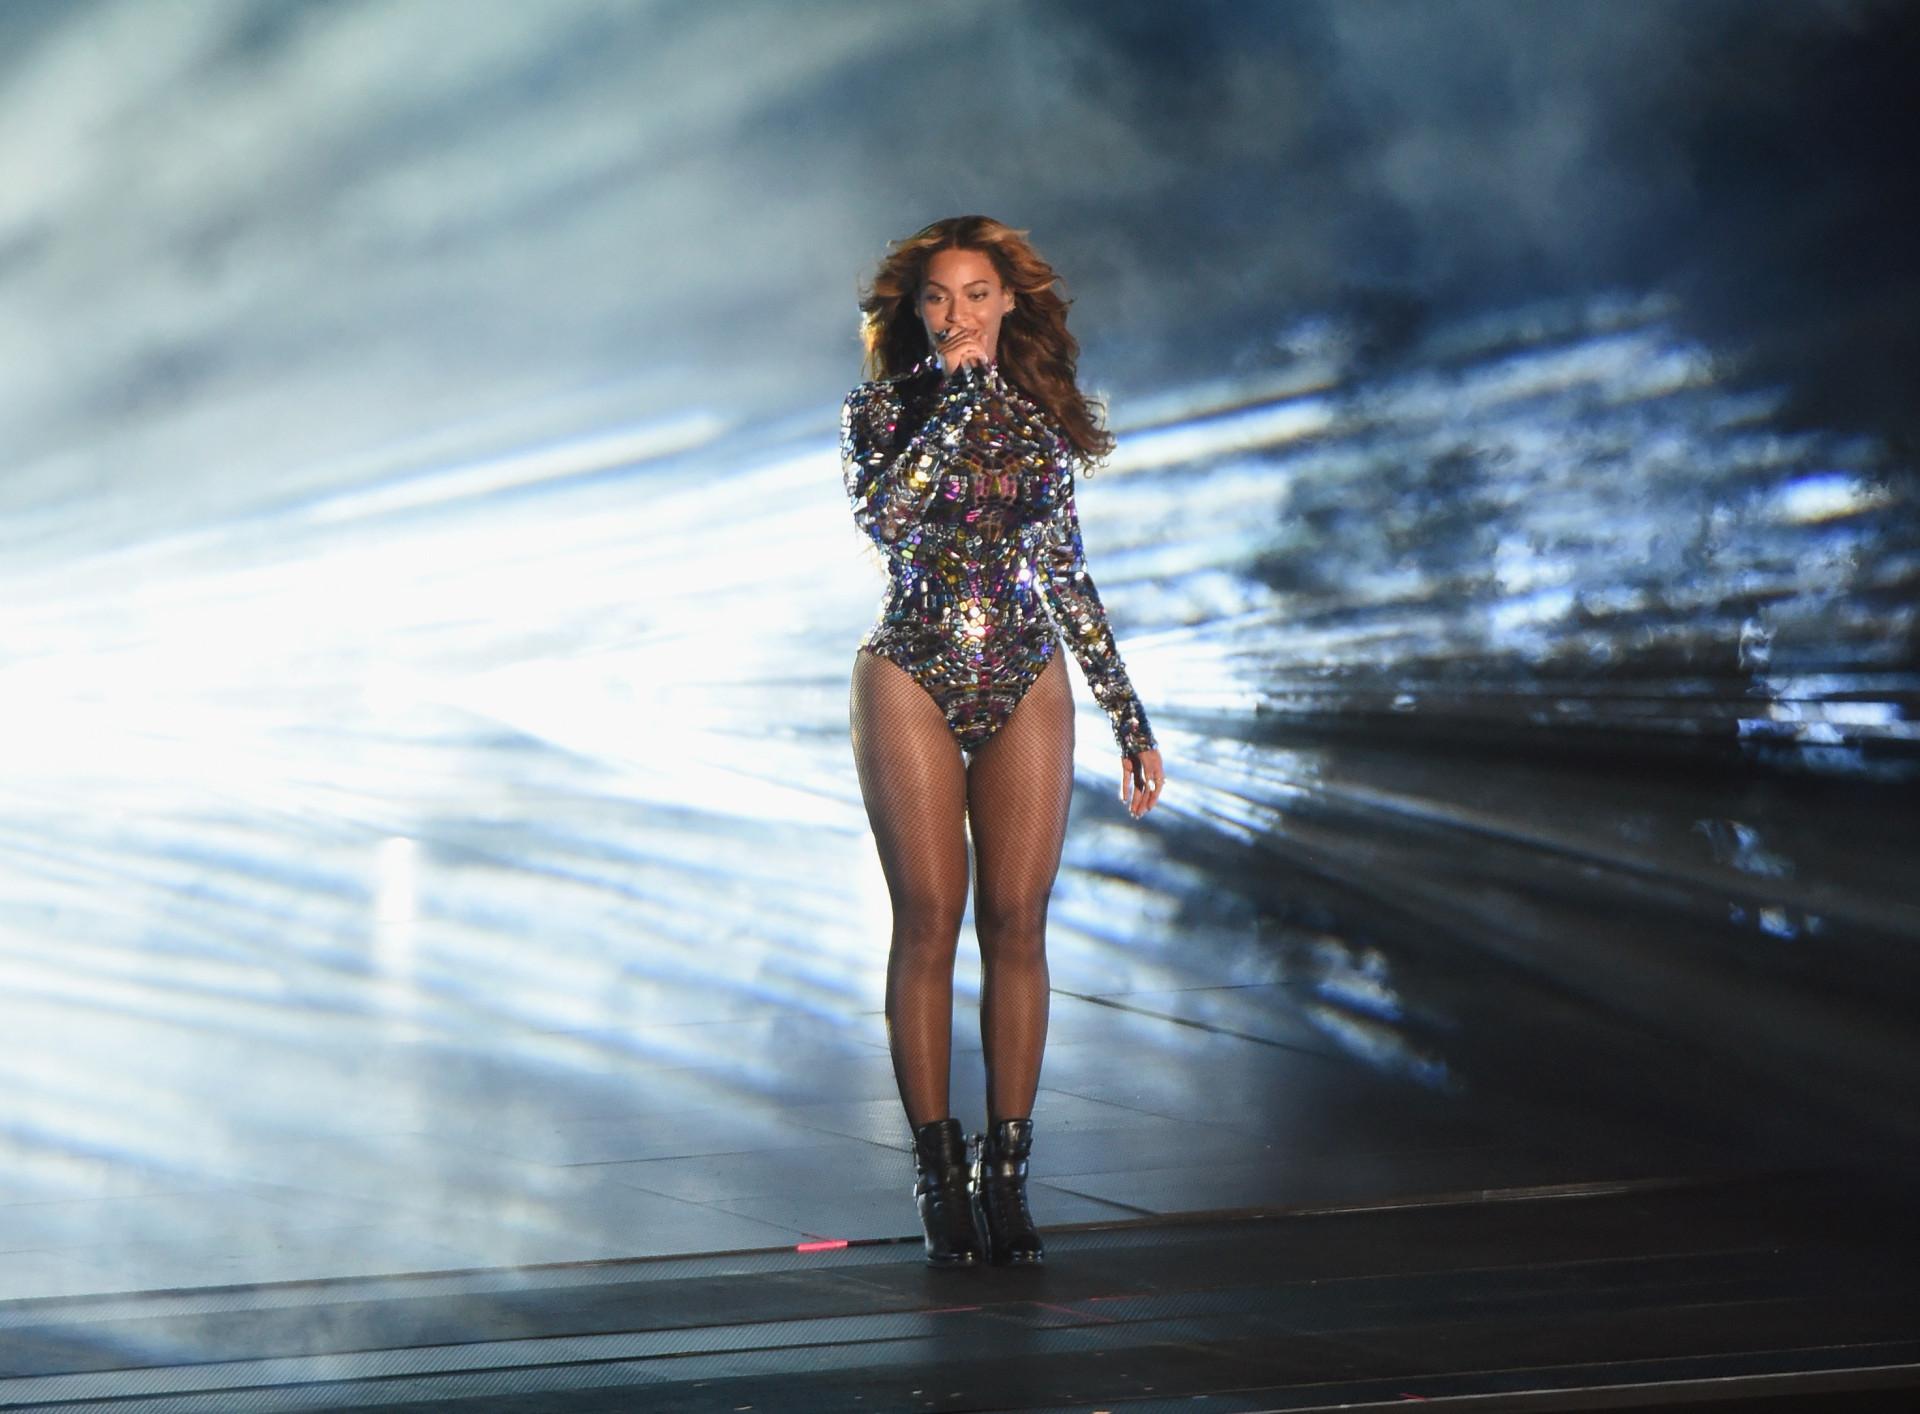 Rainha da moda. A evolução do estilo de Beyoncé